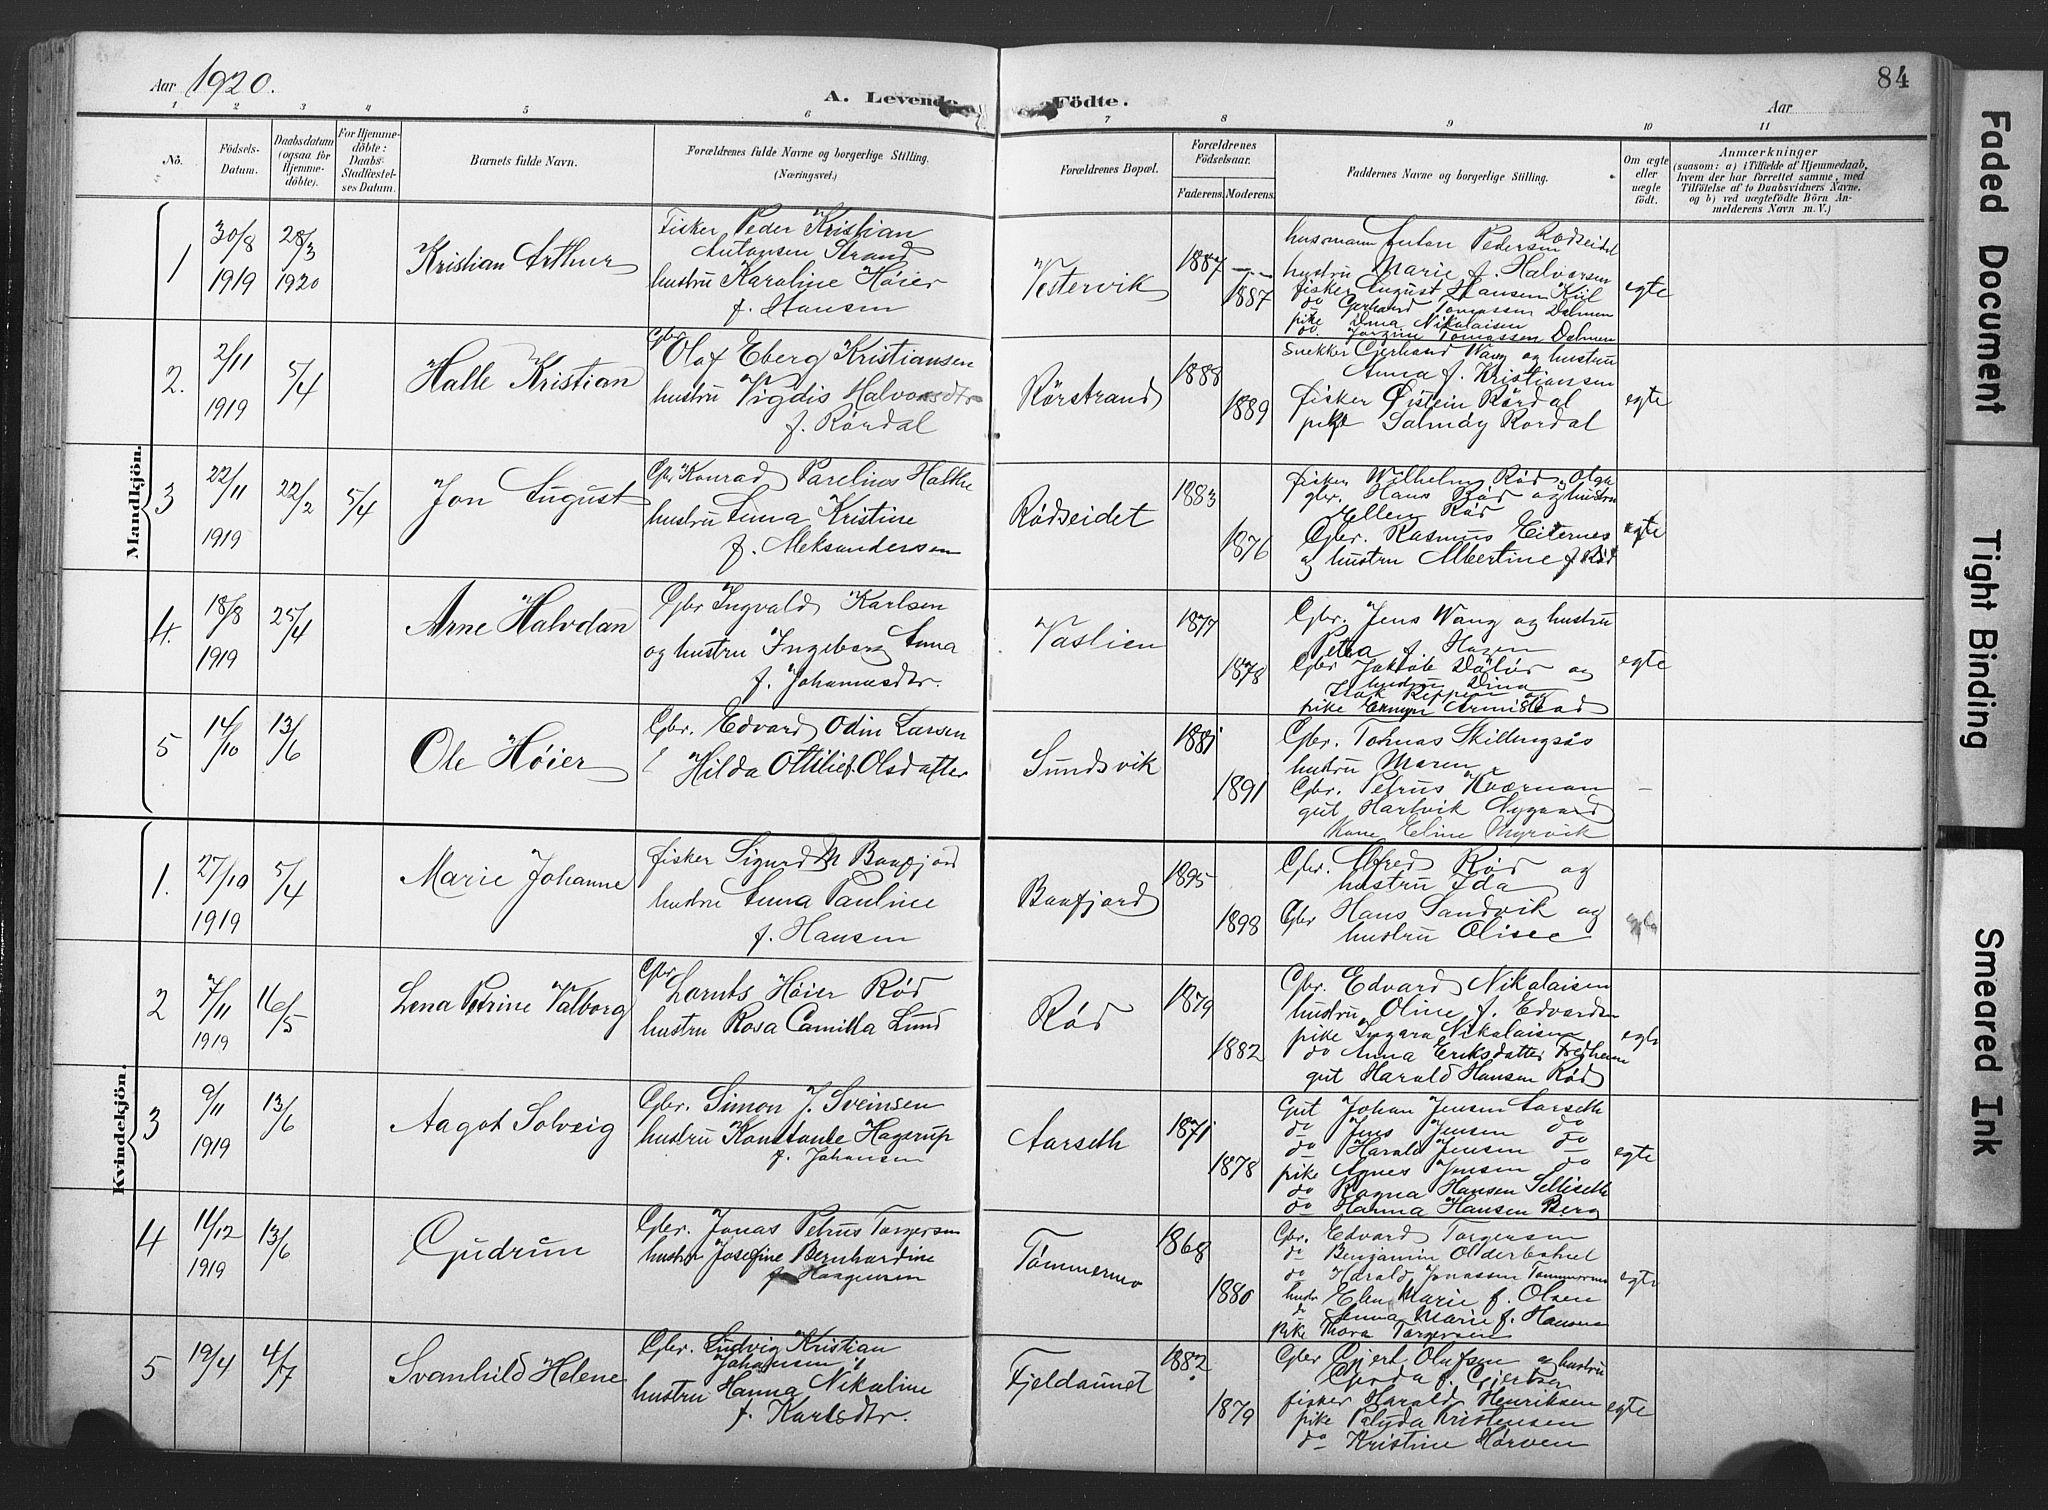 SAT, Ministerialprotokoller, klokkerbøker og fødselsregistre - Nord-Trøndelag, 789/L0706: Klokkerbok nr. 789C01, 1888-1931, s. 84